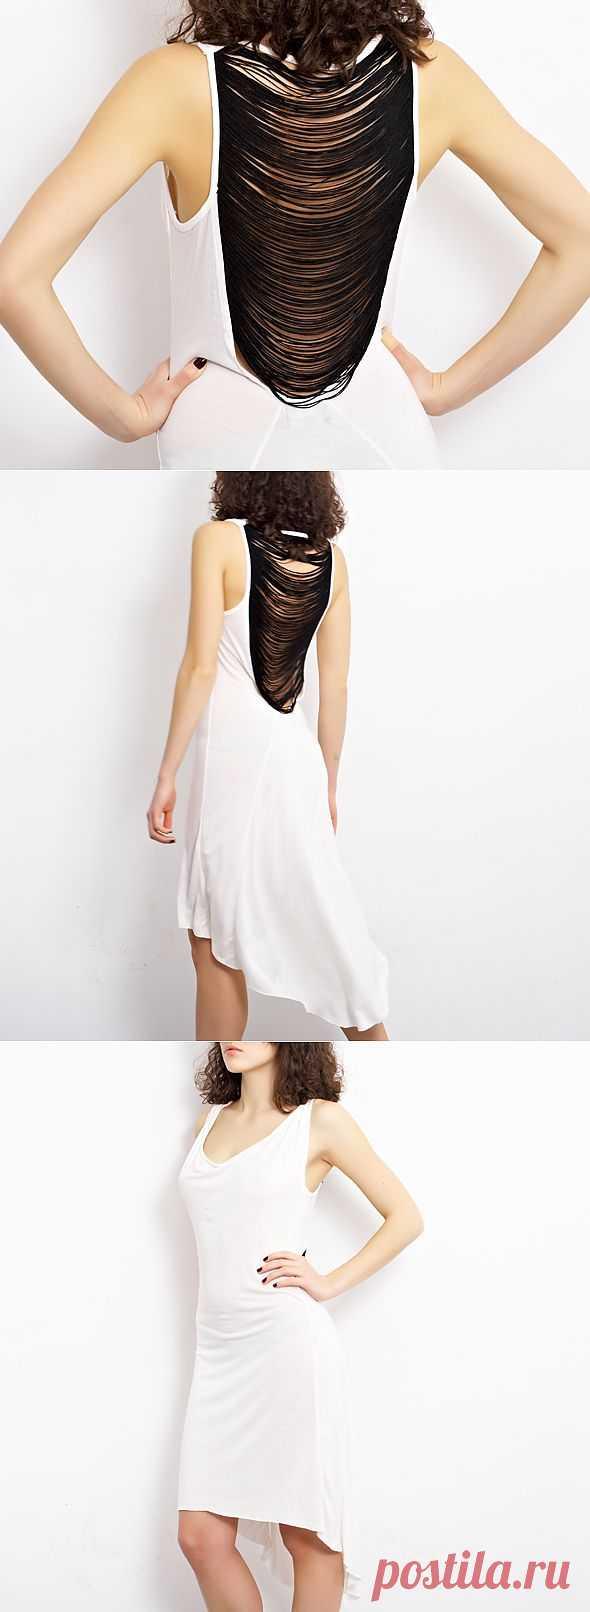 Сарафан Religion / Декор спины / Модный сайт о стильной переделке одежды и интерьера